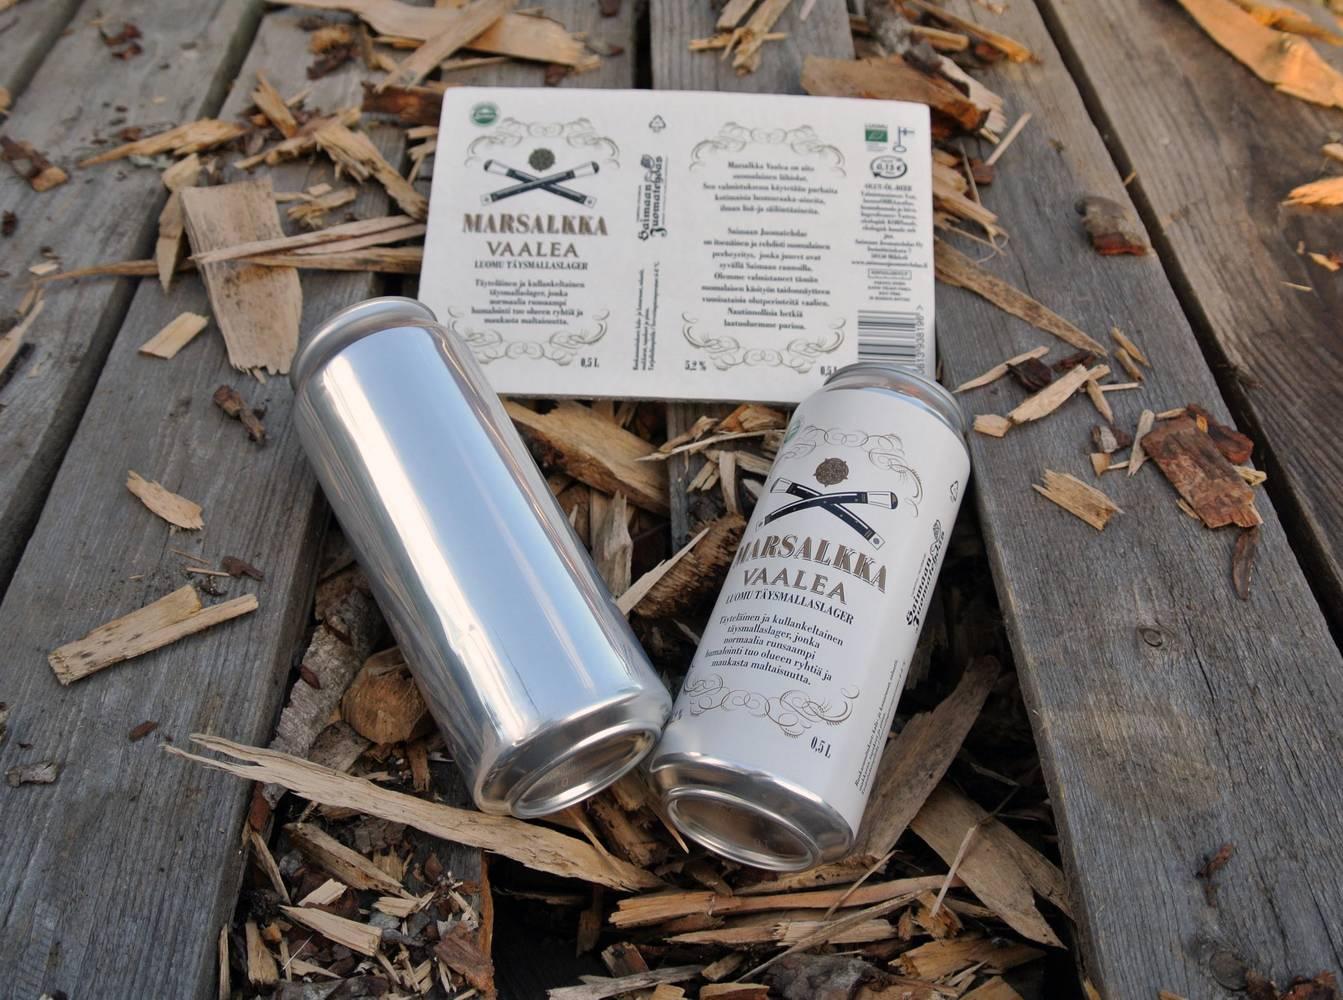 Etiketöity juomatölkki. Kuva: Auraprint